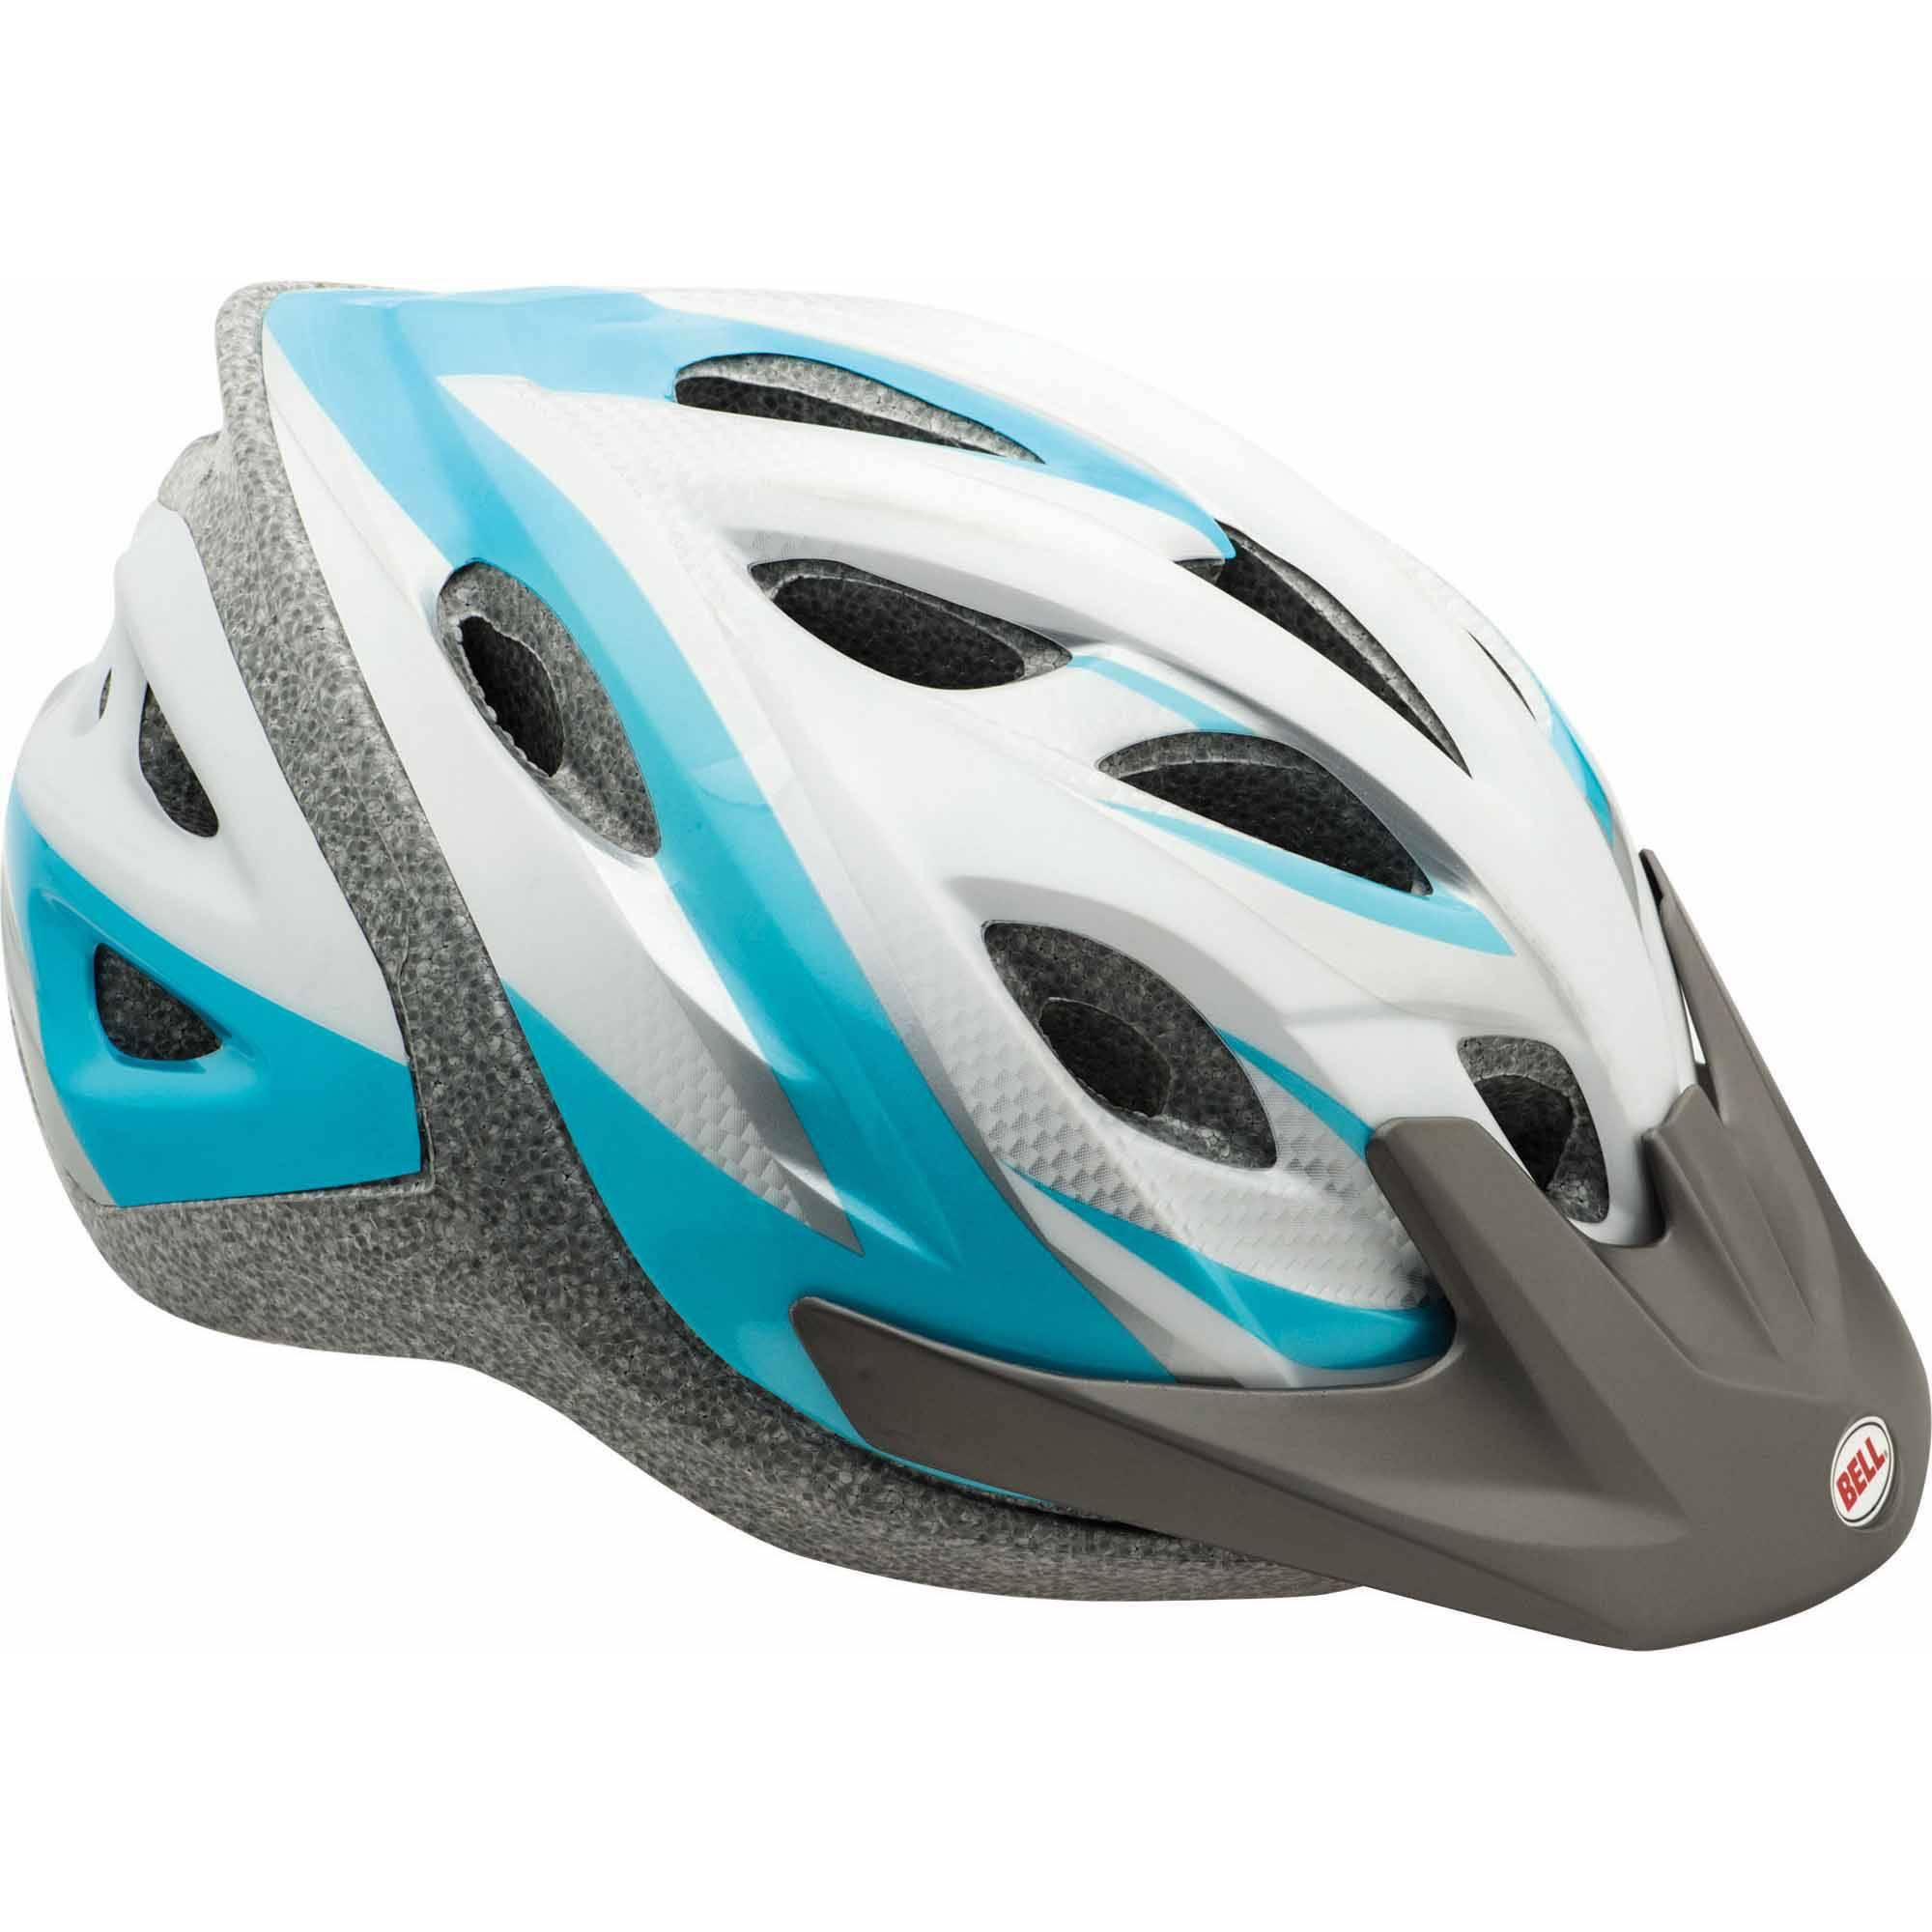 700c Roadmaster Adventures Women S Hybrid Bike Light Blue